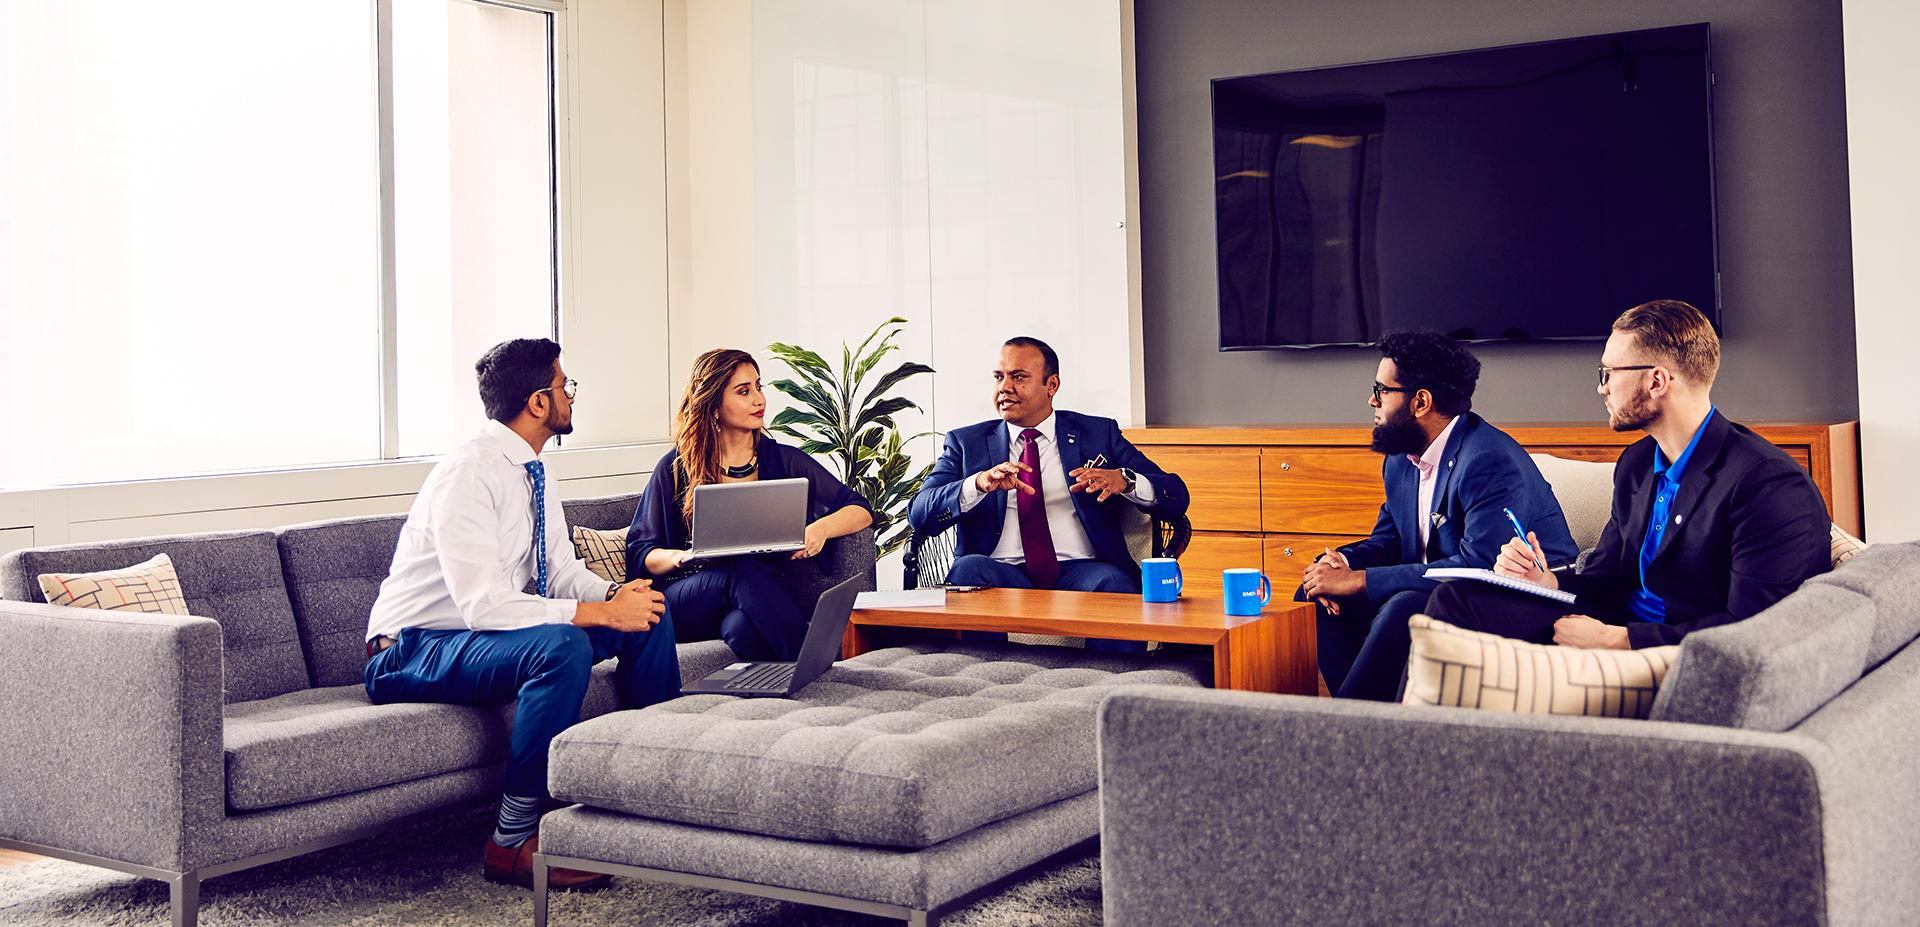 Groupe d'employés qui rencontrent leur gestionnaire.